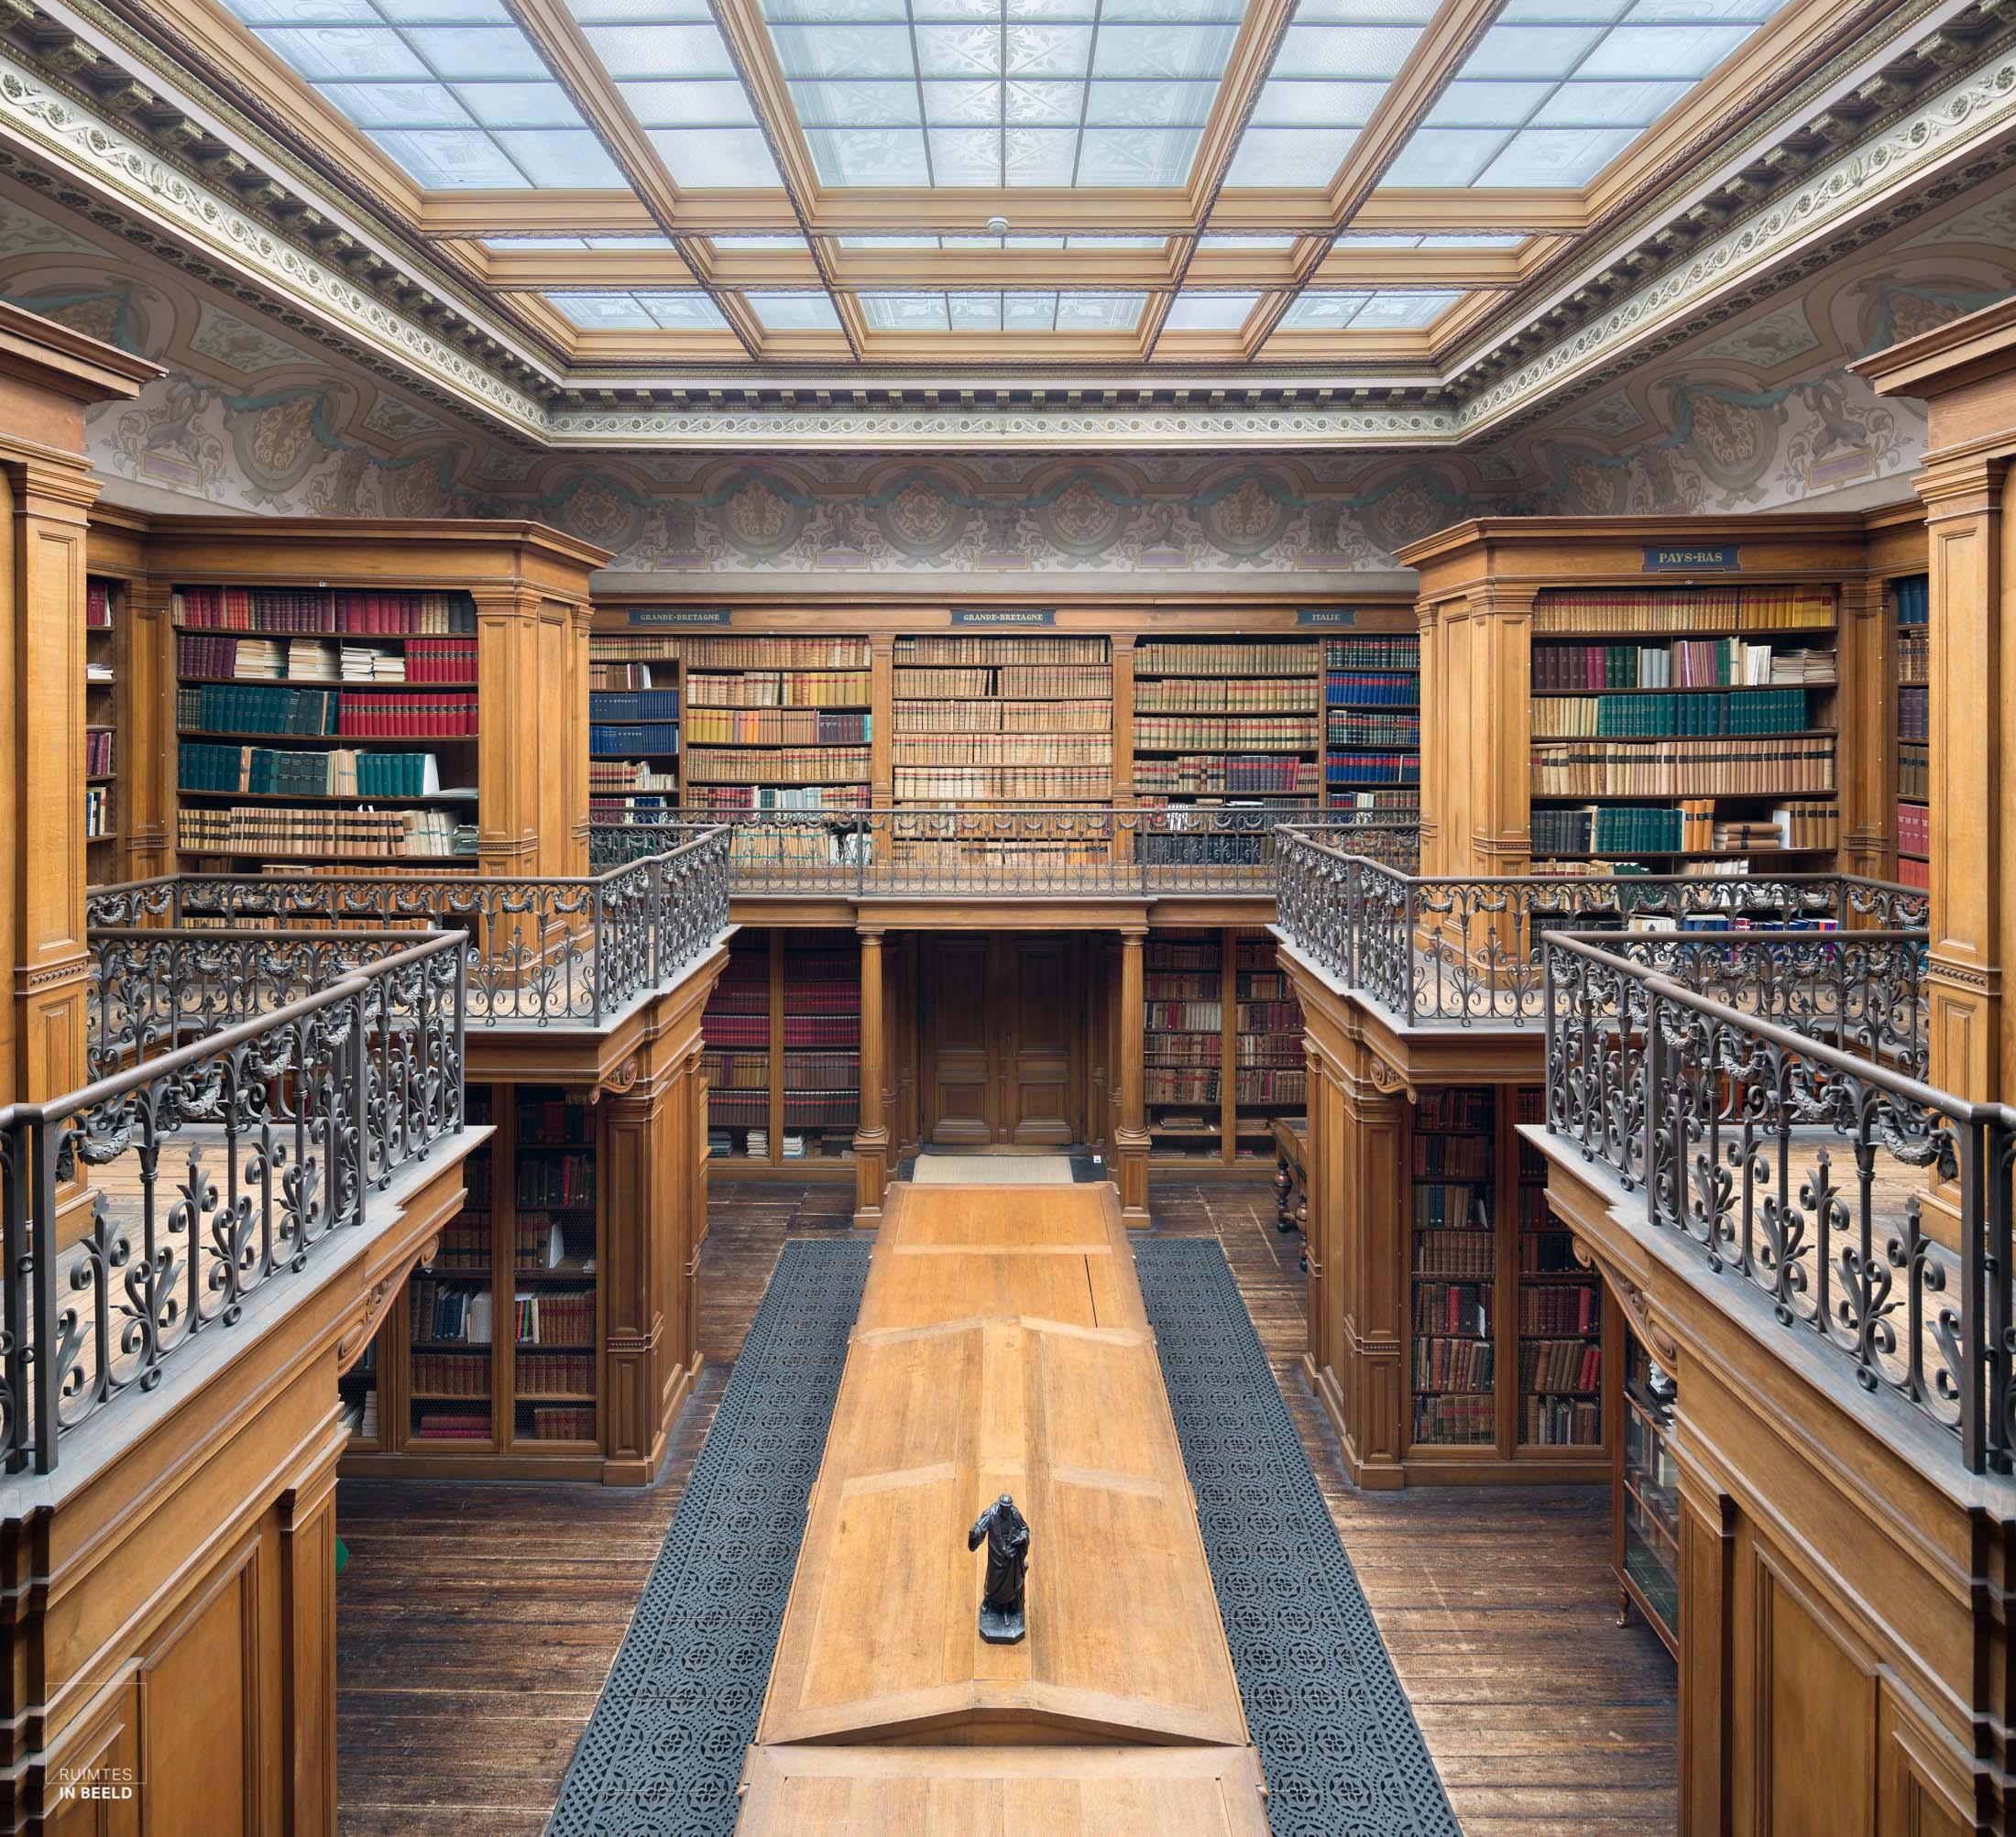 Bibliotheekin het Teylers museum in Haarlem | Library in Teylers museum Haarlem, Netherlands